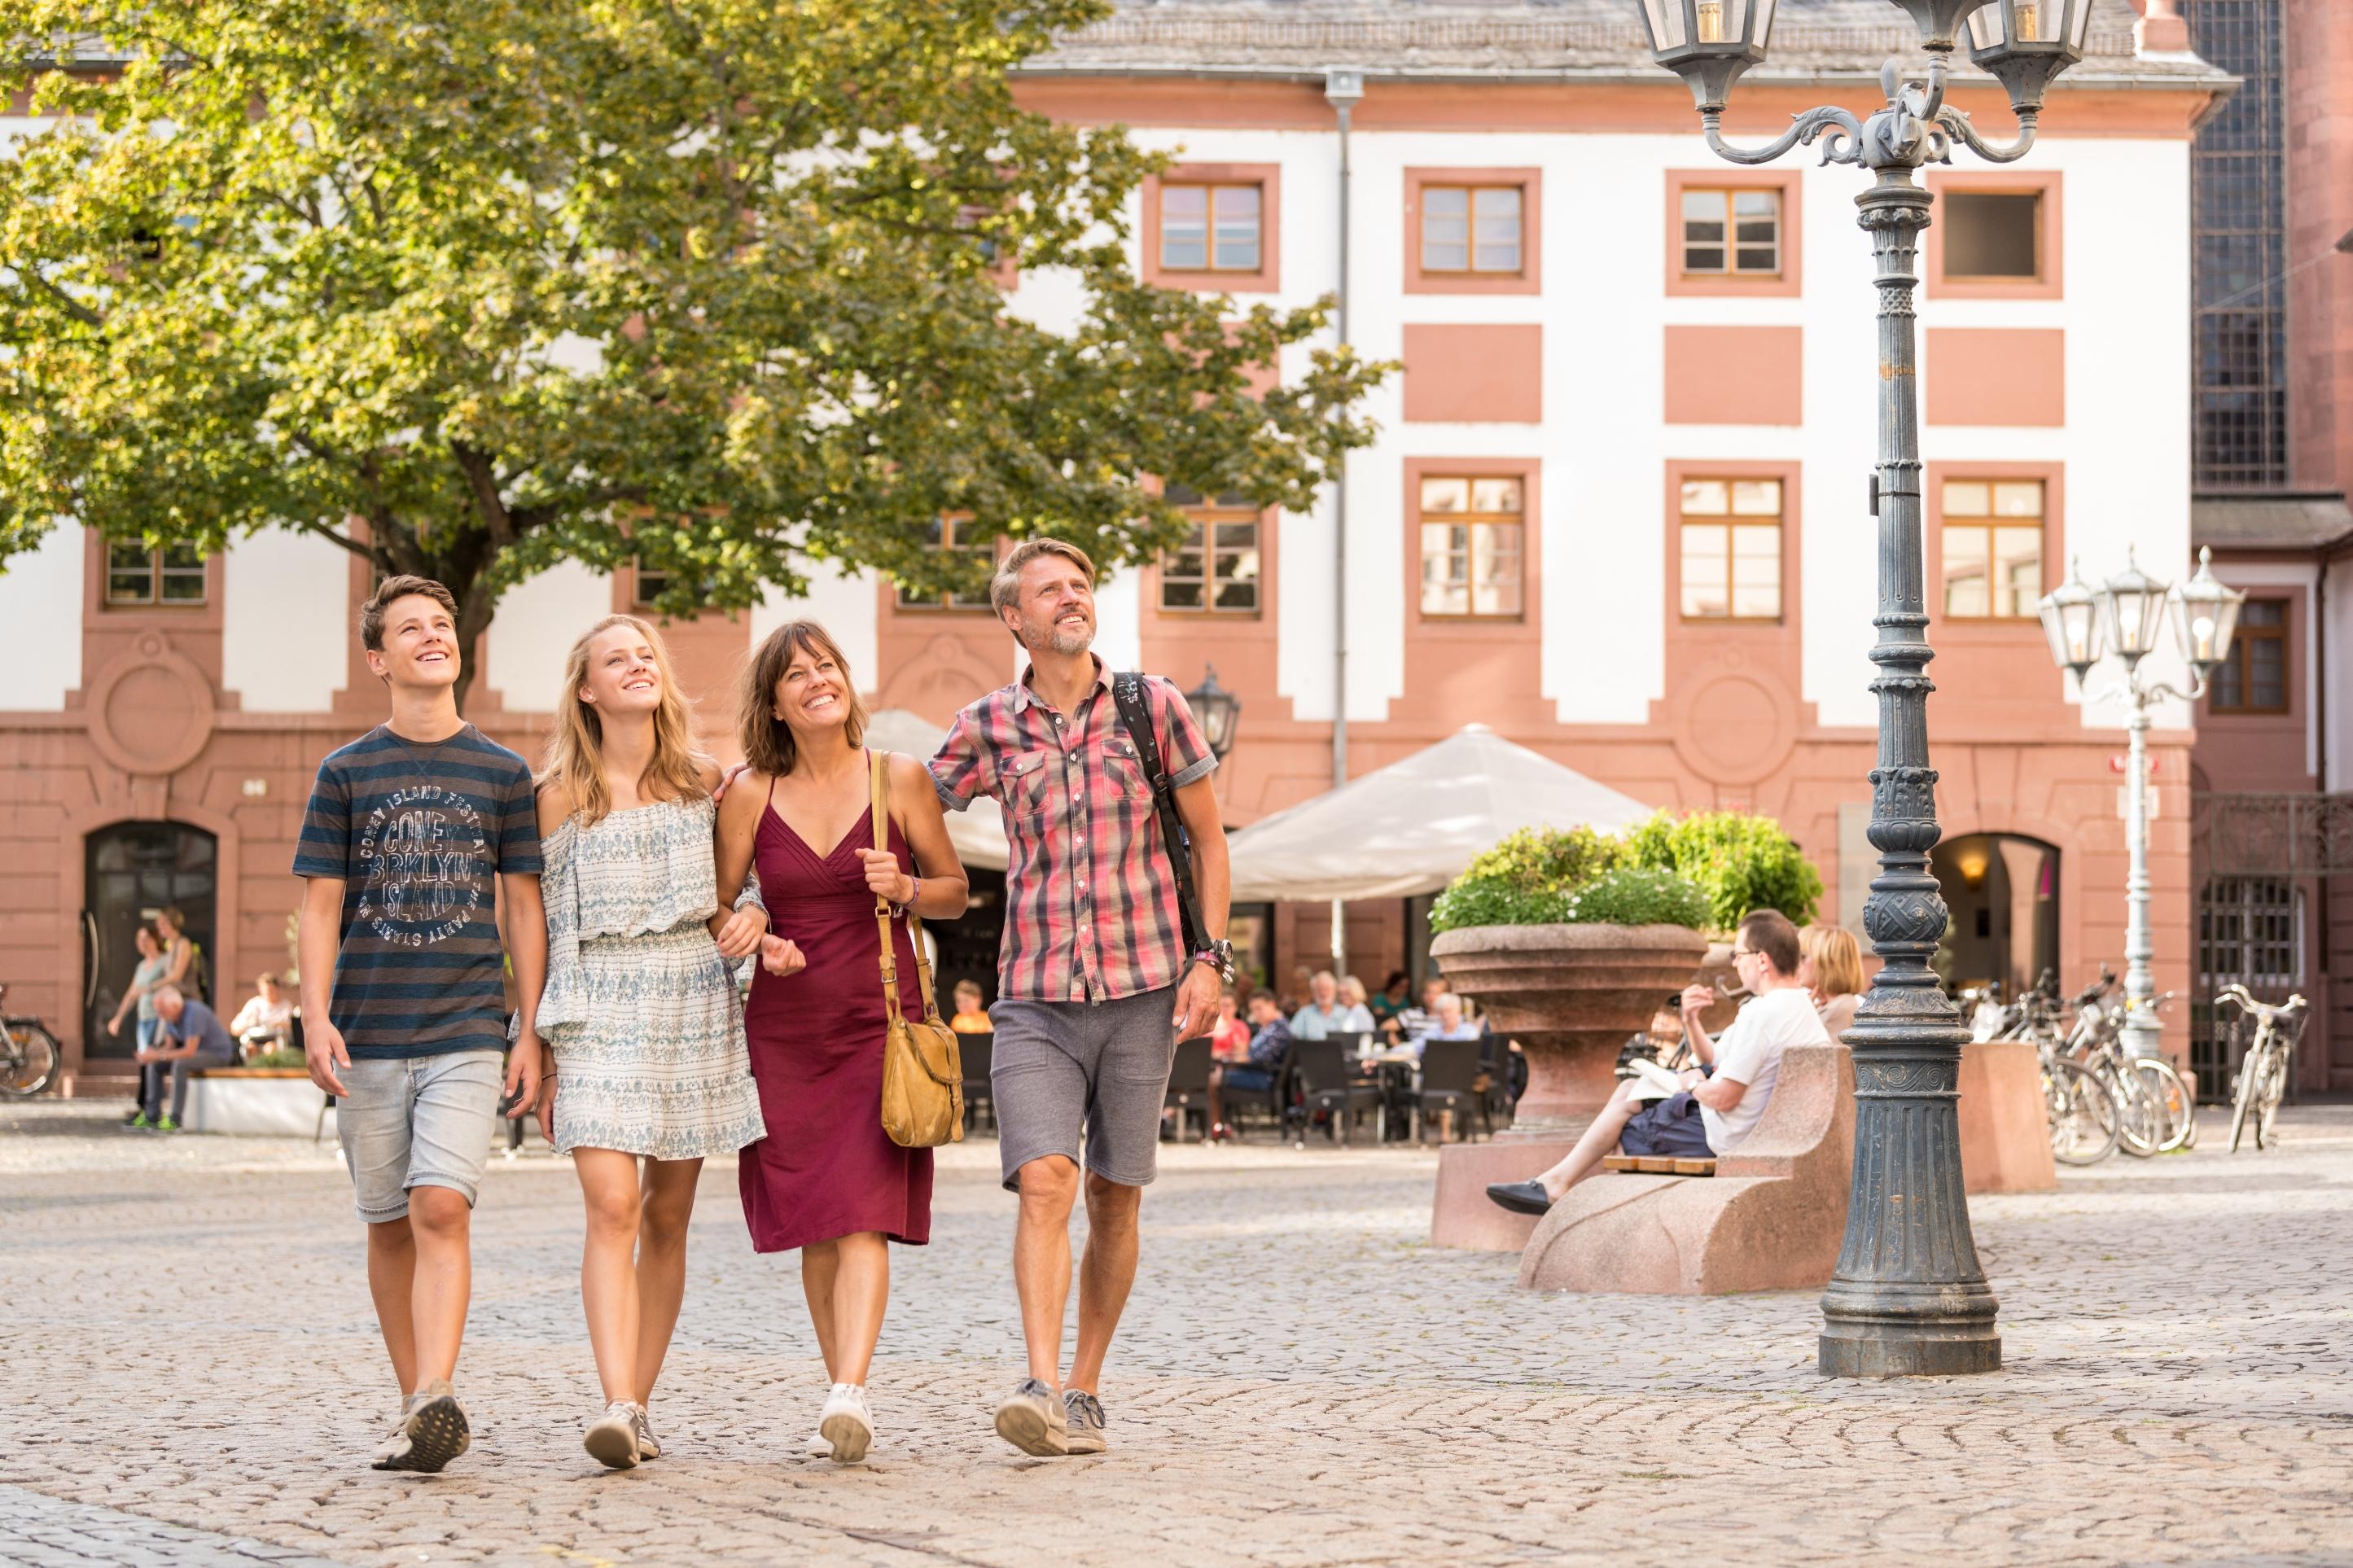 Touristen schlendern durch die Fußgängerzone in Mainz und staunen, Rheinhessen